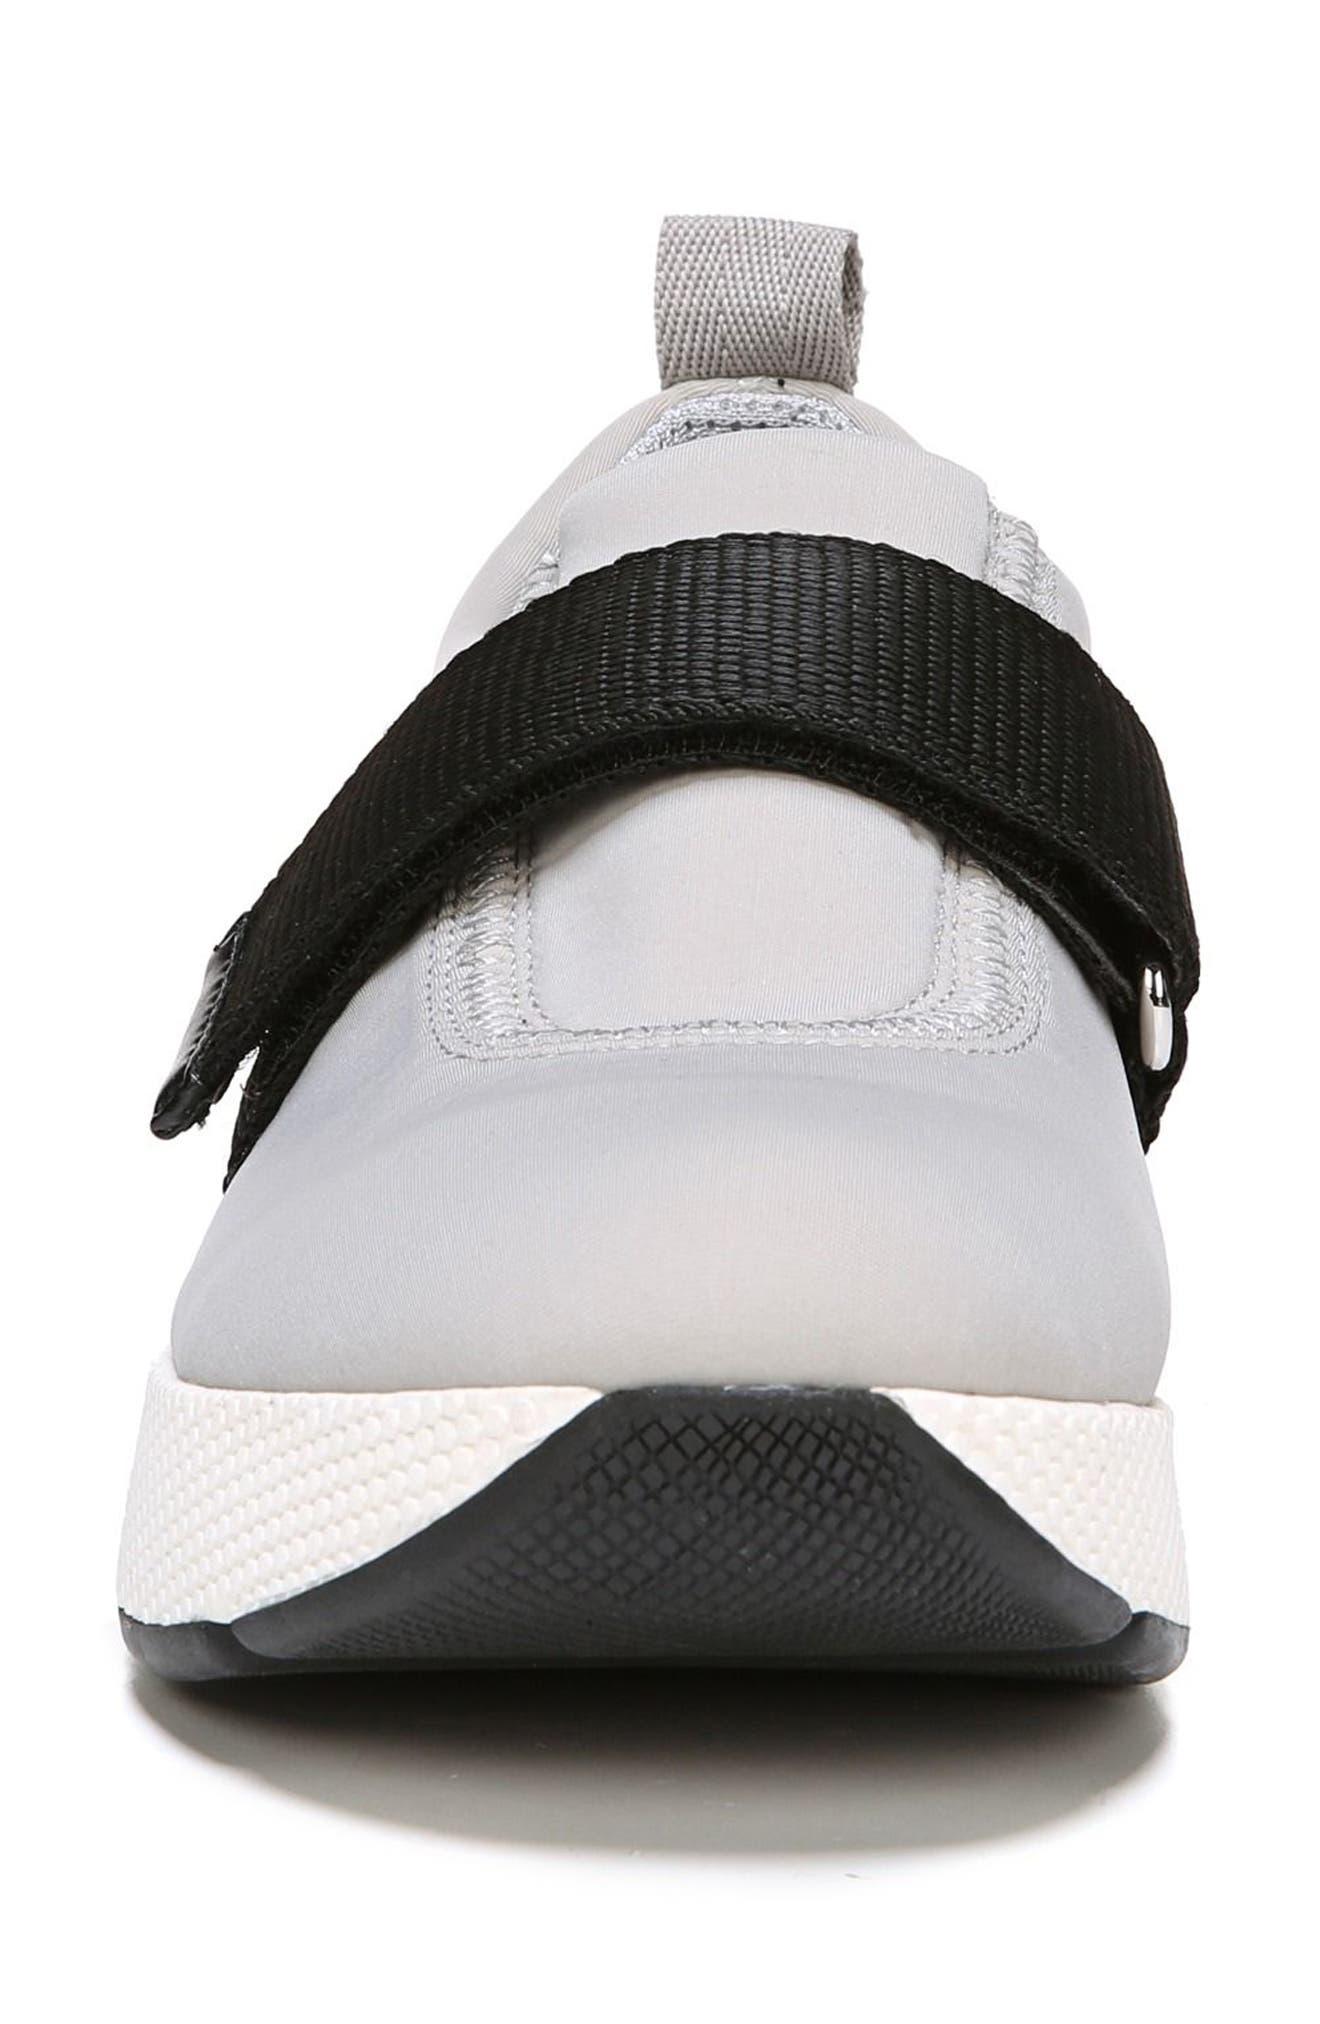 Odella Slip-On Sneaker,                             Alternate thumbnail 4, color,                             Light Grey Fabric